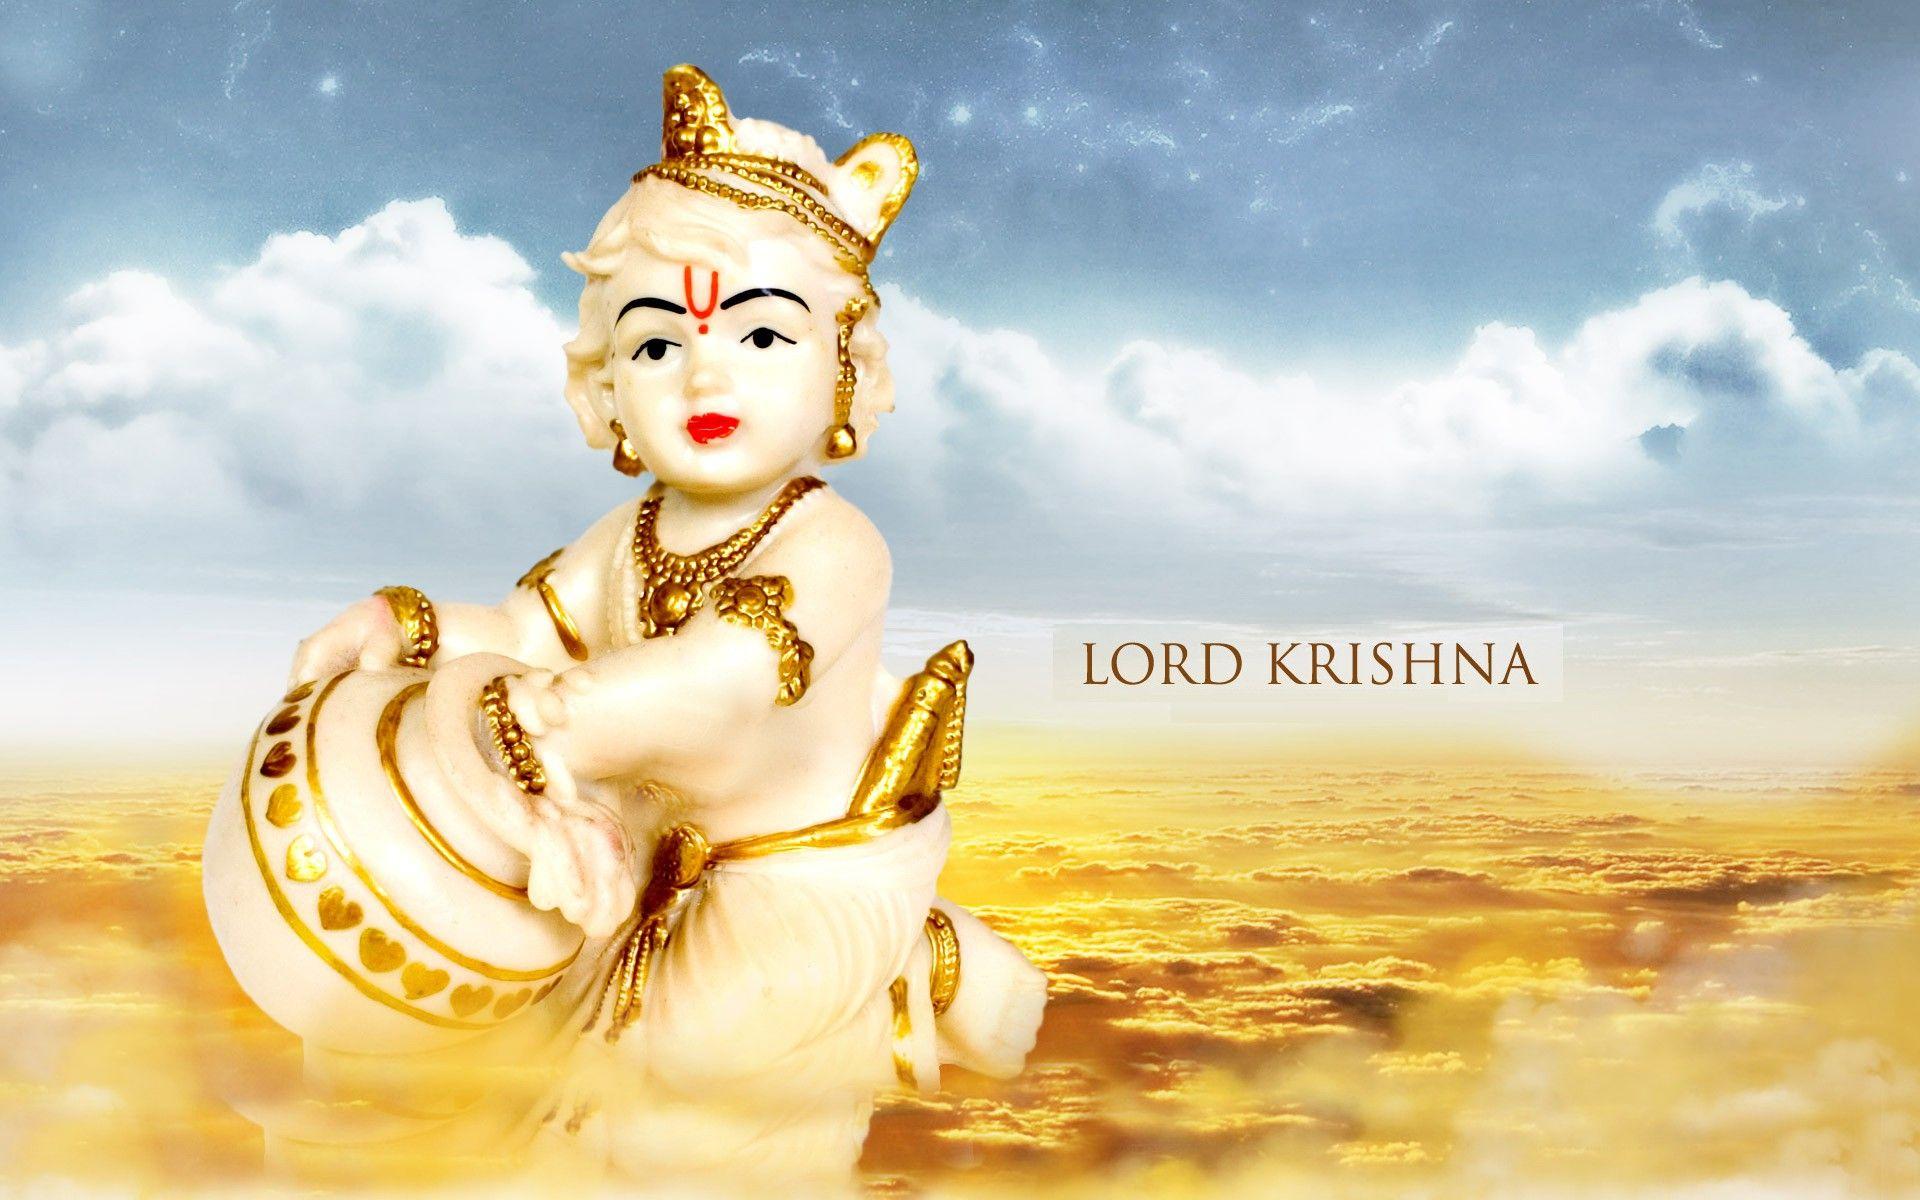 Lord Cute Bal Krishna Hd Wallpaper Download Free 1080p Lord Krishna Wallpapers Lord Krishna Images Bal Krishna